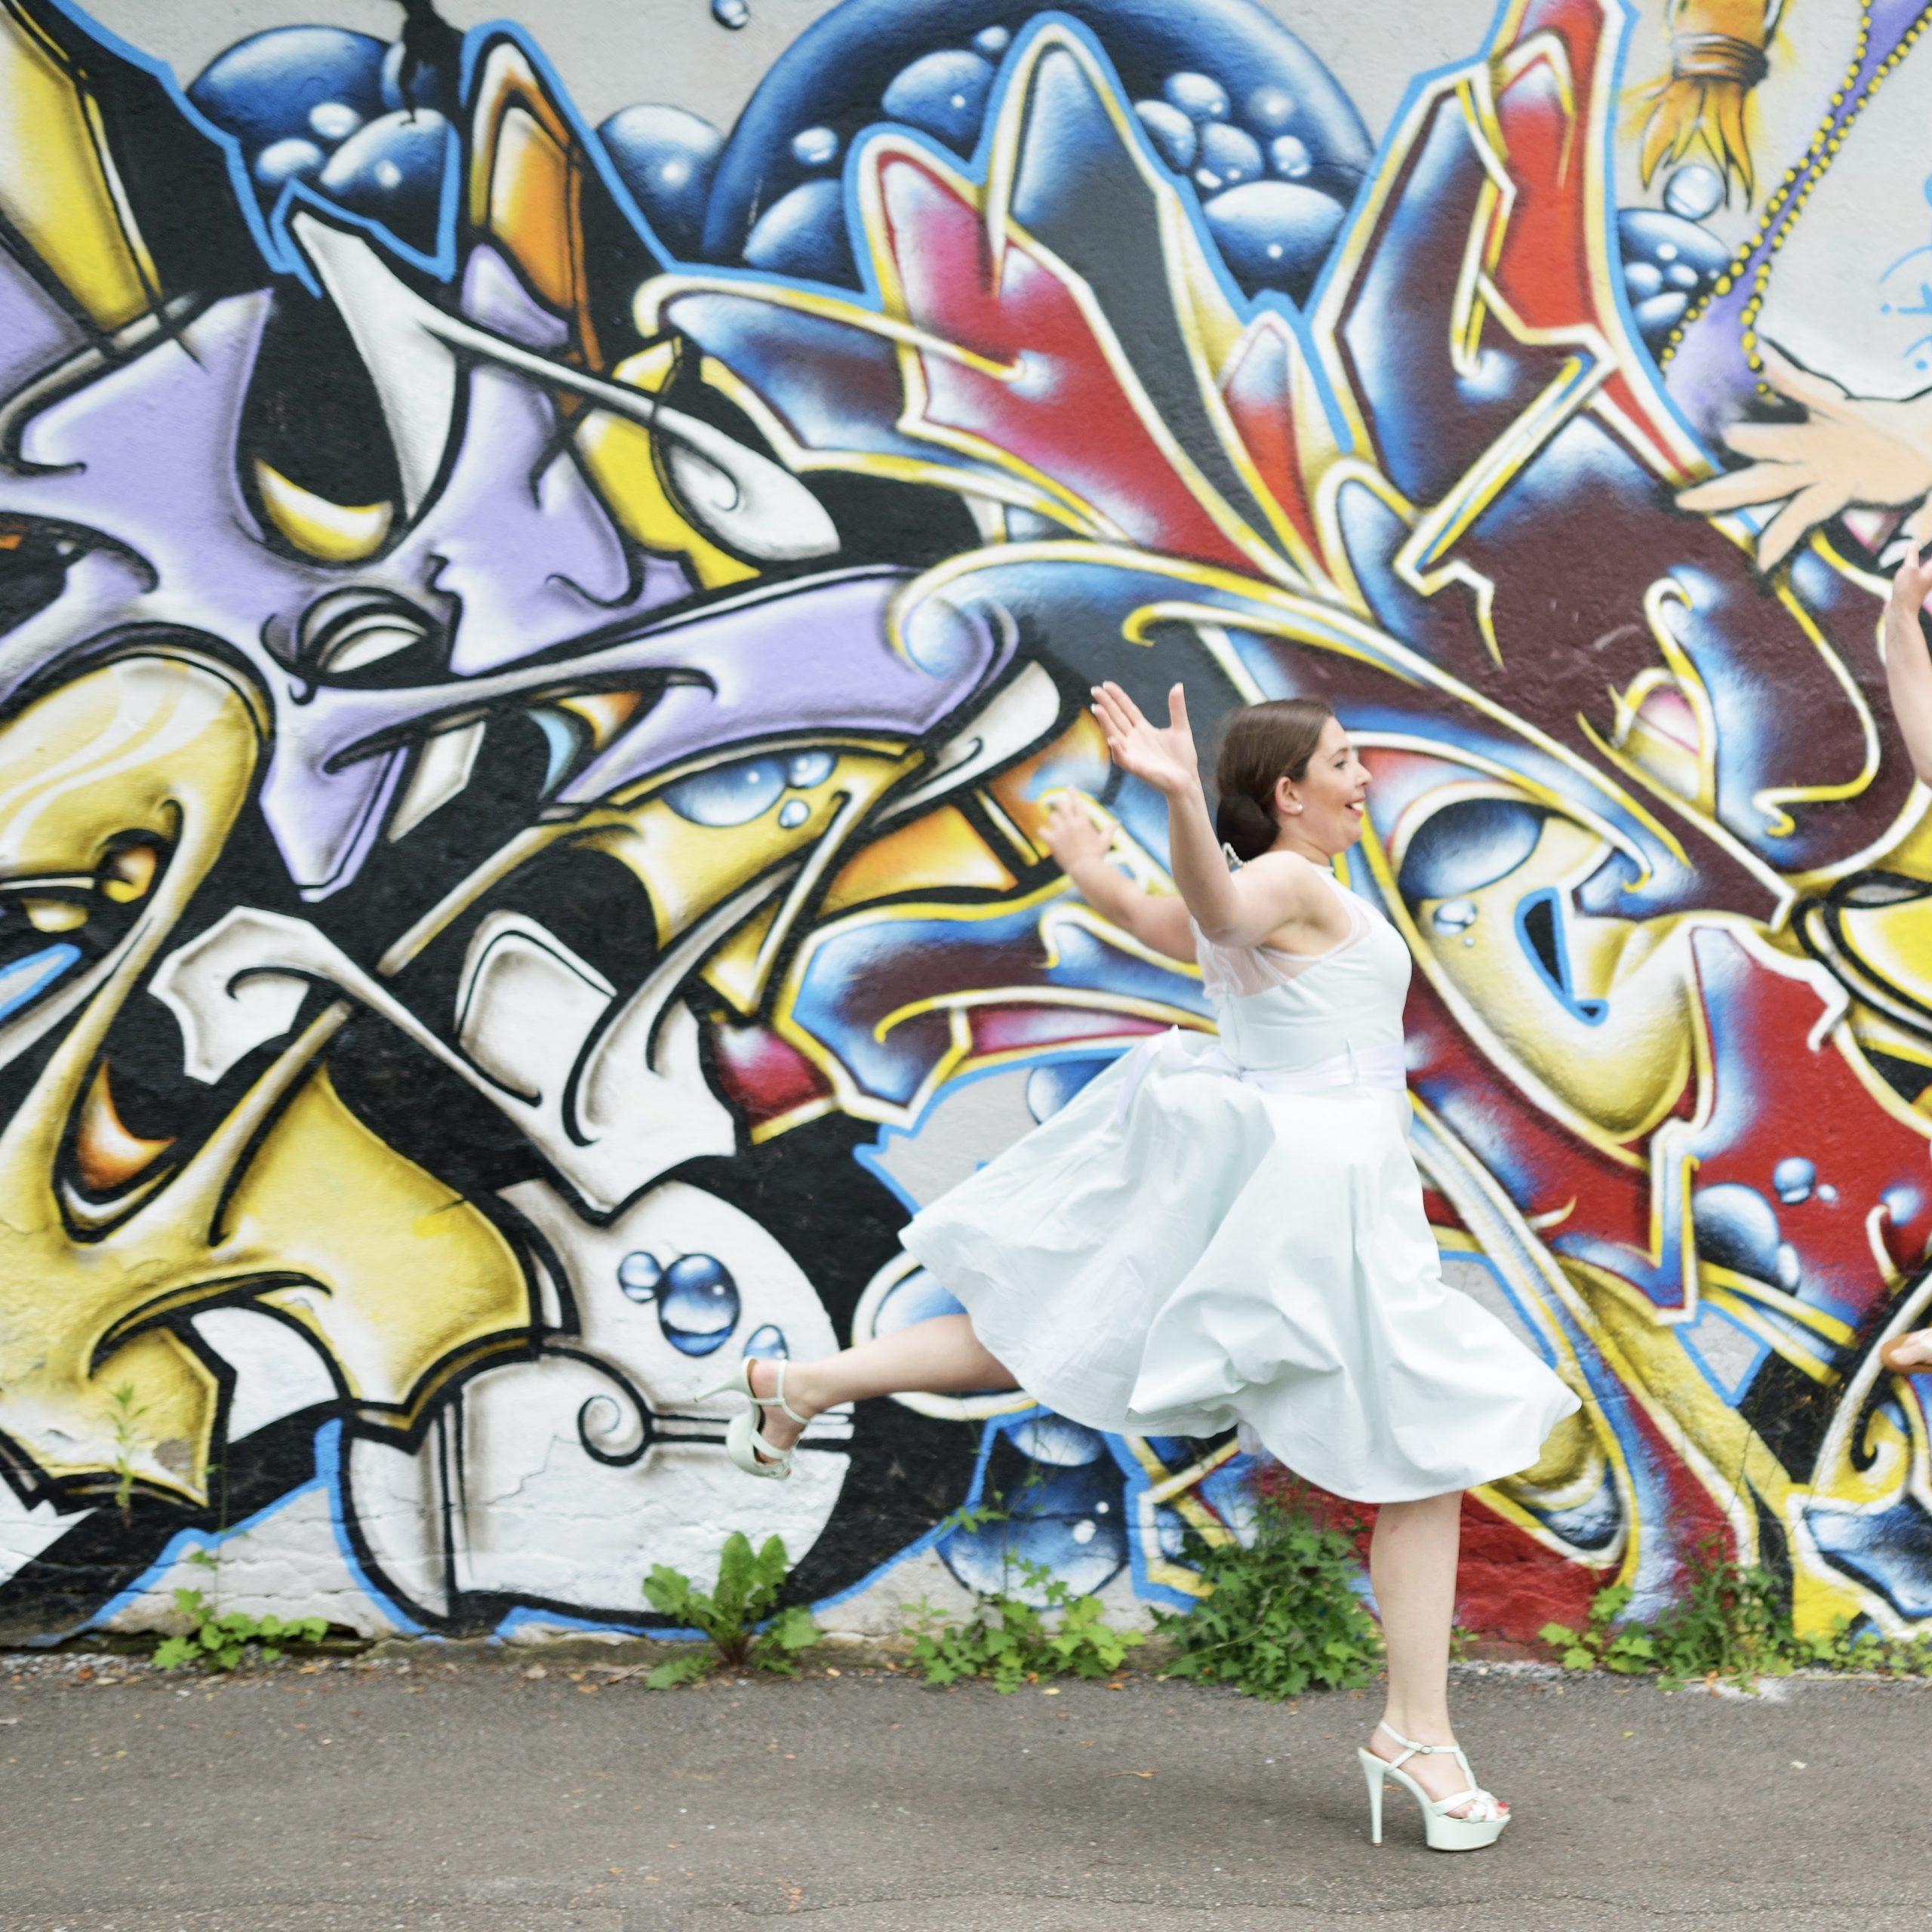 Aurore Mottet - photographe, qui me demande de courrir et de sauter comme une sauterelle avec mes chaussures a talons !